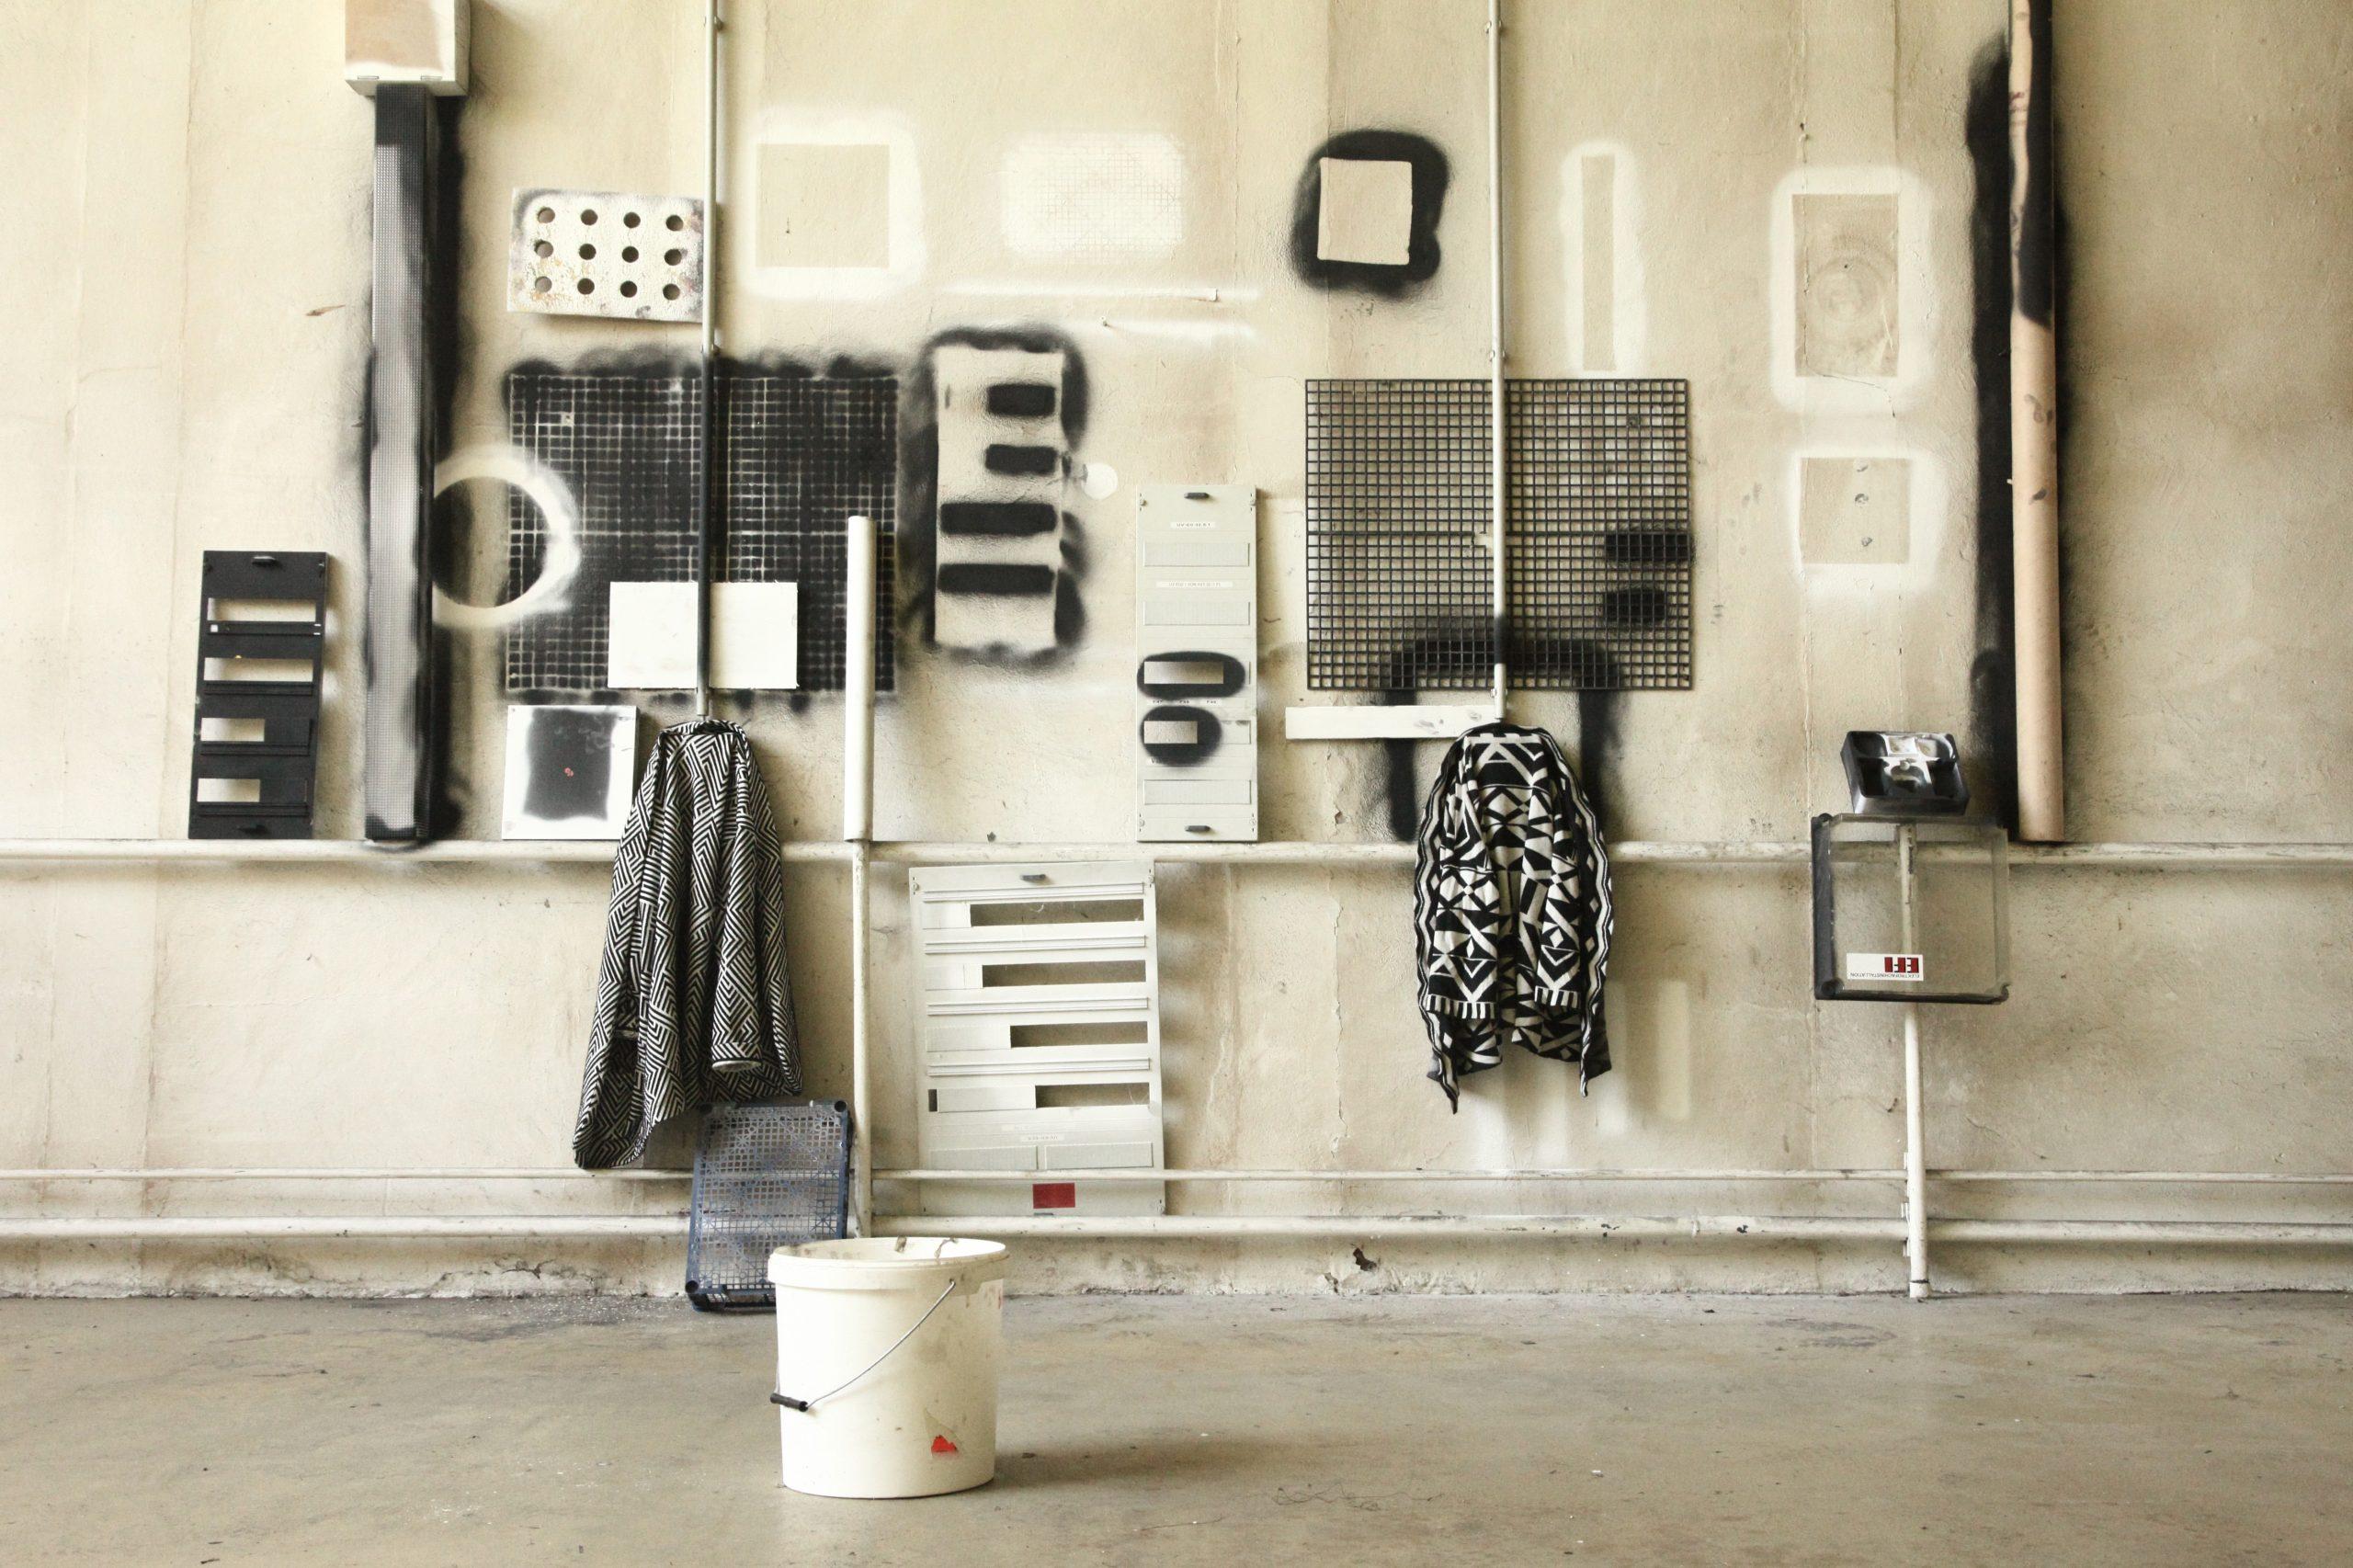 vor einer mit schwarz und weiß besprühten Wand sind ebenfalls schwarze und weiße Gegenstände zu einer Komposition arrangiert | in front of a wall sprayed with black and white, black and white objects are arranged into a composition